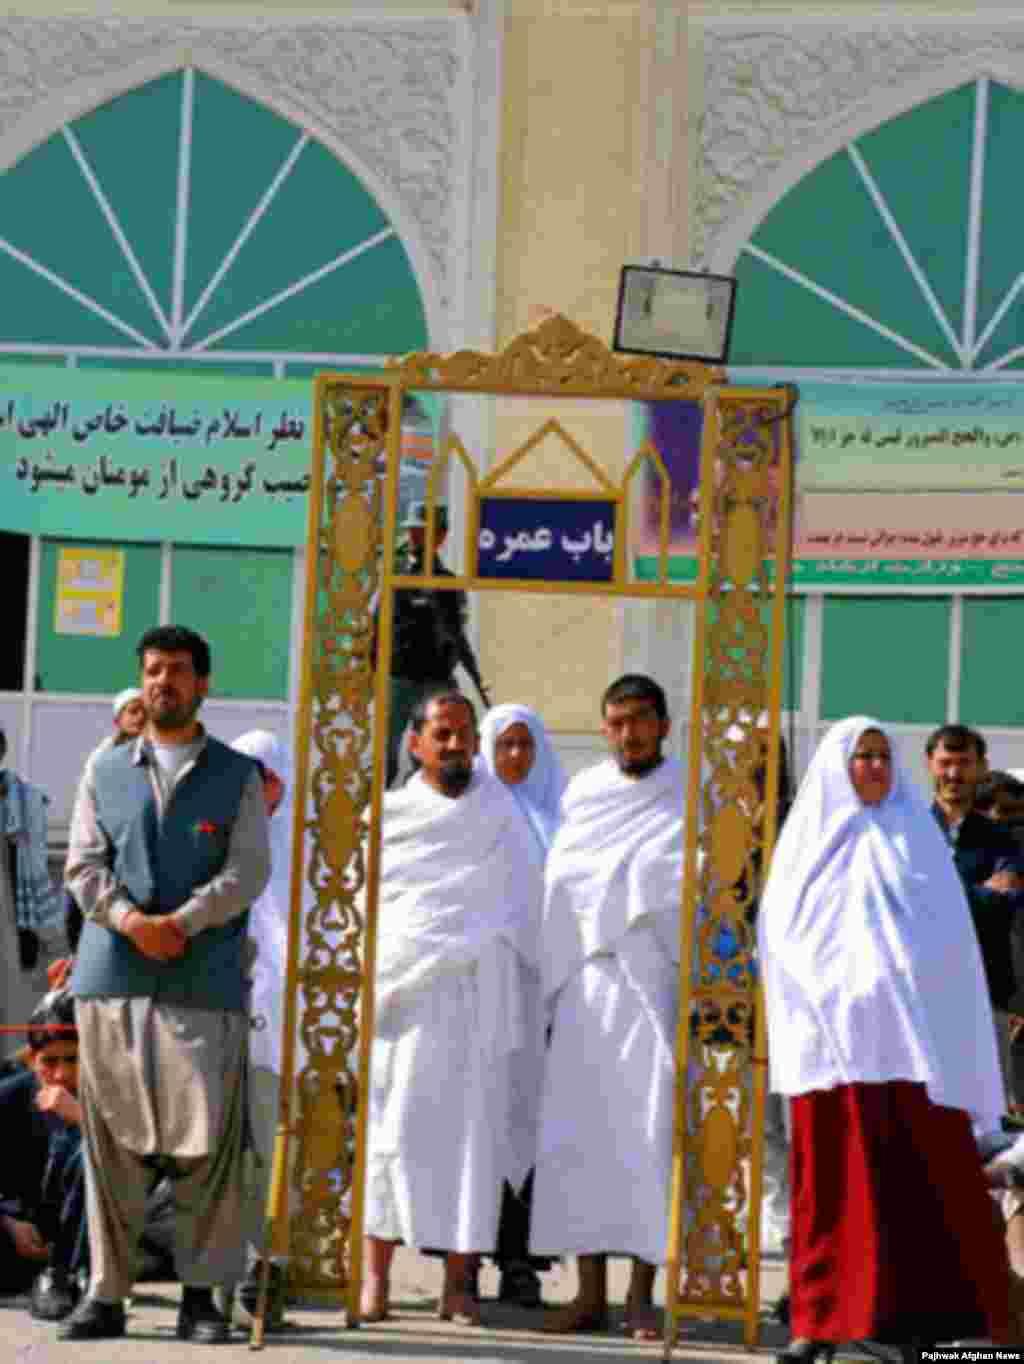 La Kabul, instructori sponsorizați de guvern îi ajută pe pelerini pentru ritualul complex, cum ar mișcarea corectă și ordinea rugăciunilor în anumite moschee.